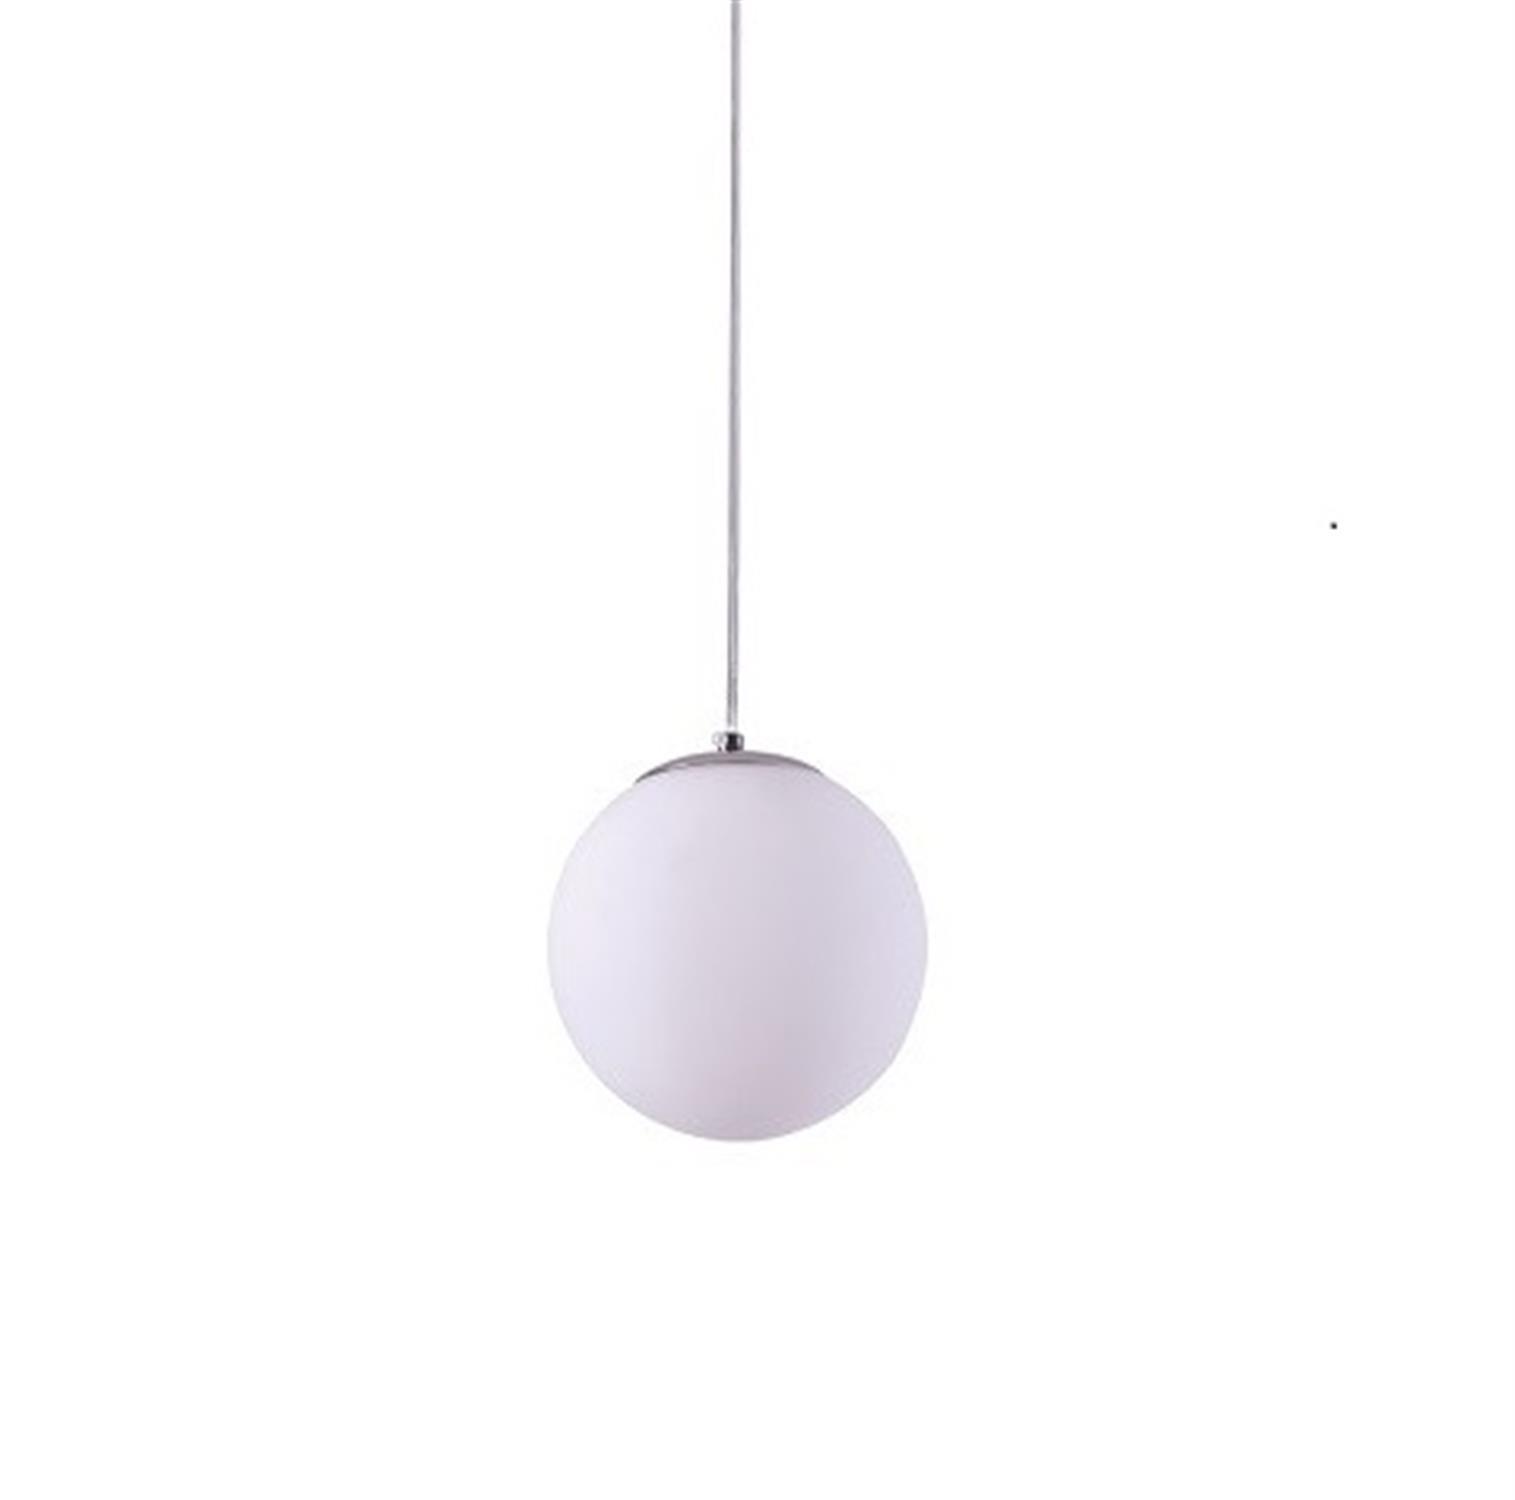 Φωτιστικό οροφής μονόφωτο μεταλλικό χρωμίου με χειροποίητη οπαλίνα λευκή Alessia 20x120cm Home Lighting 77-3710